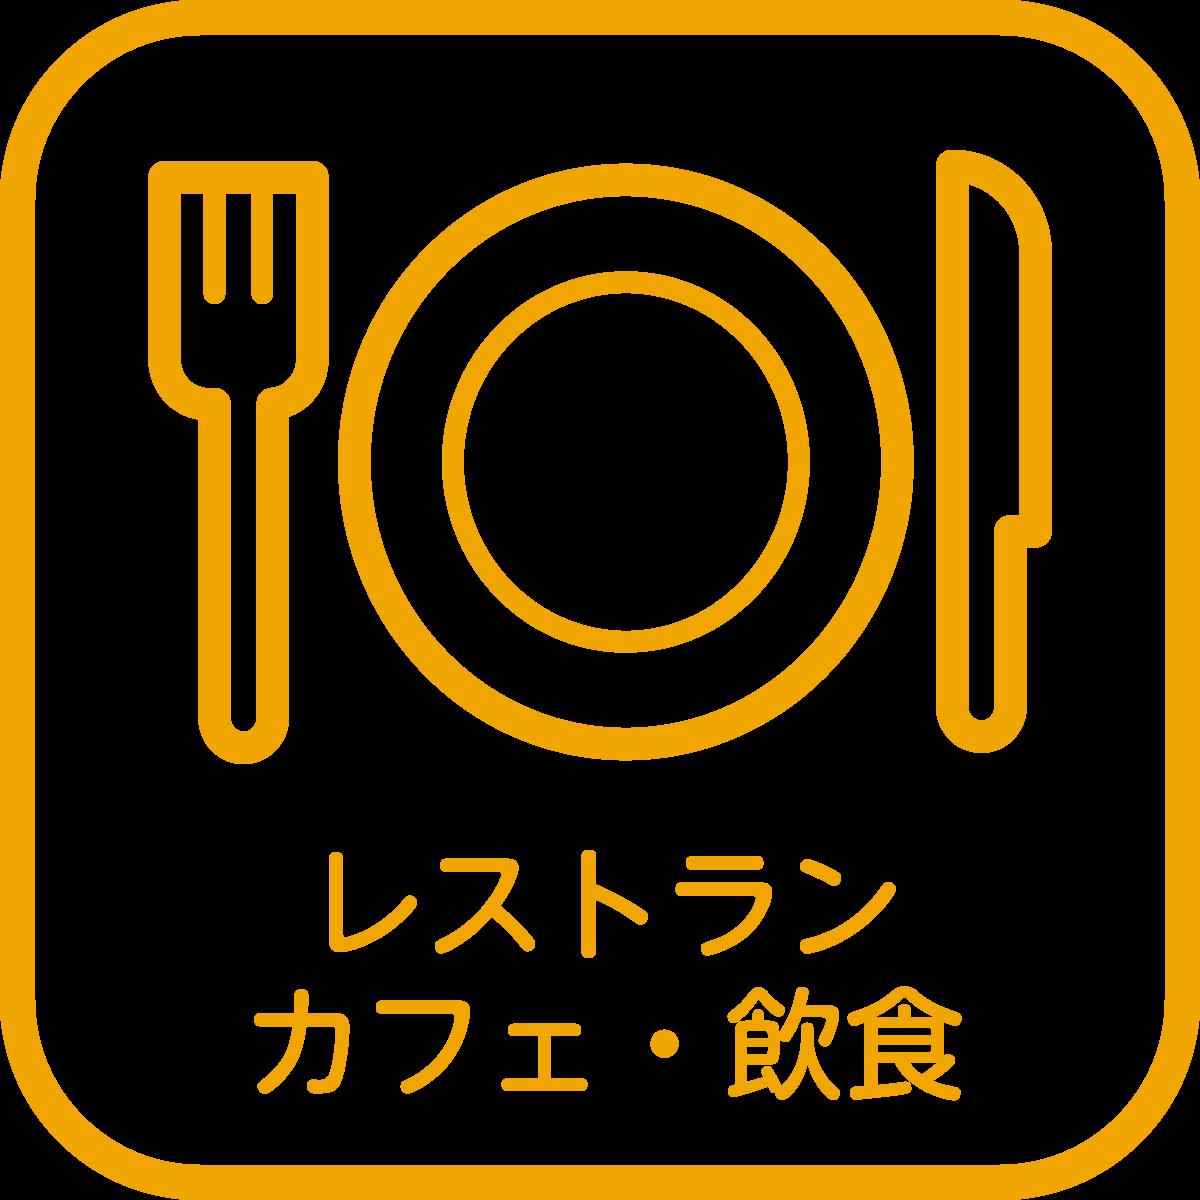 レストラン・カフェ・飲食